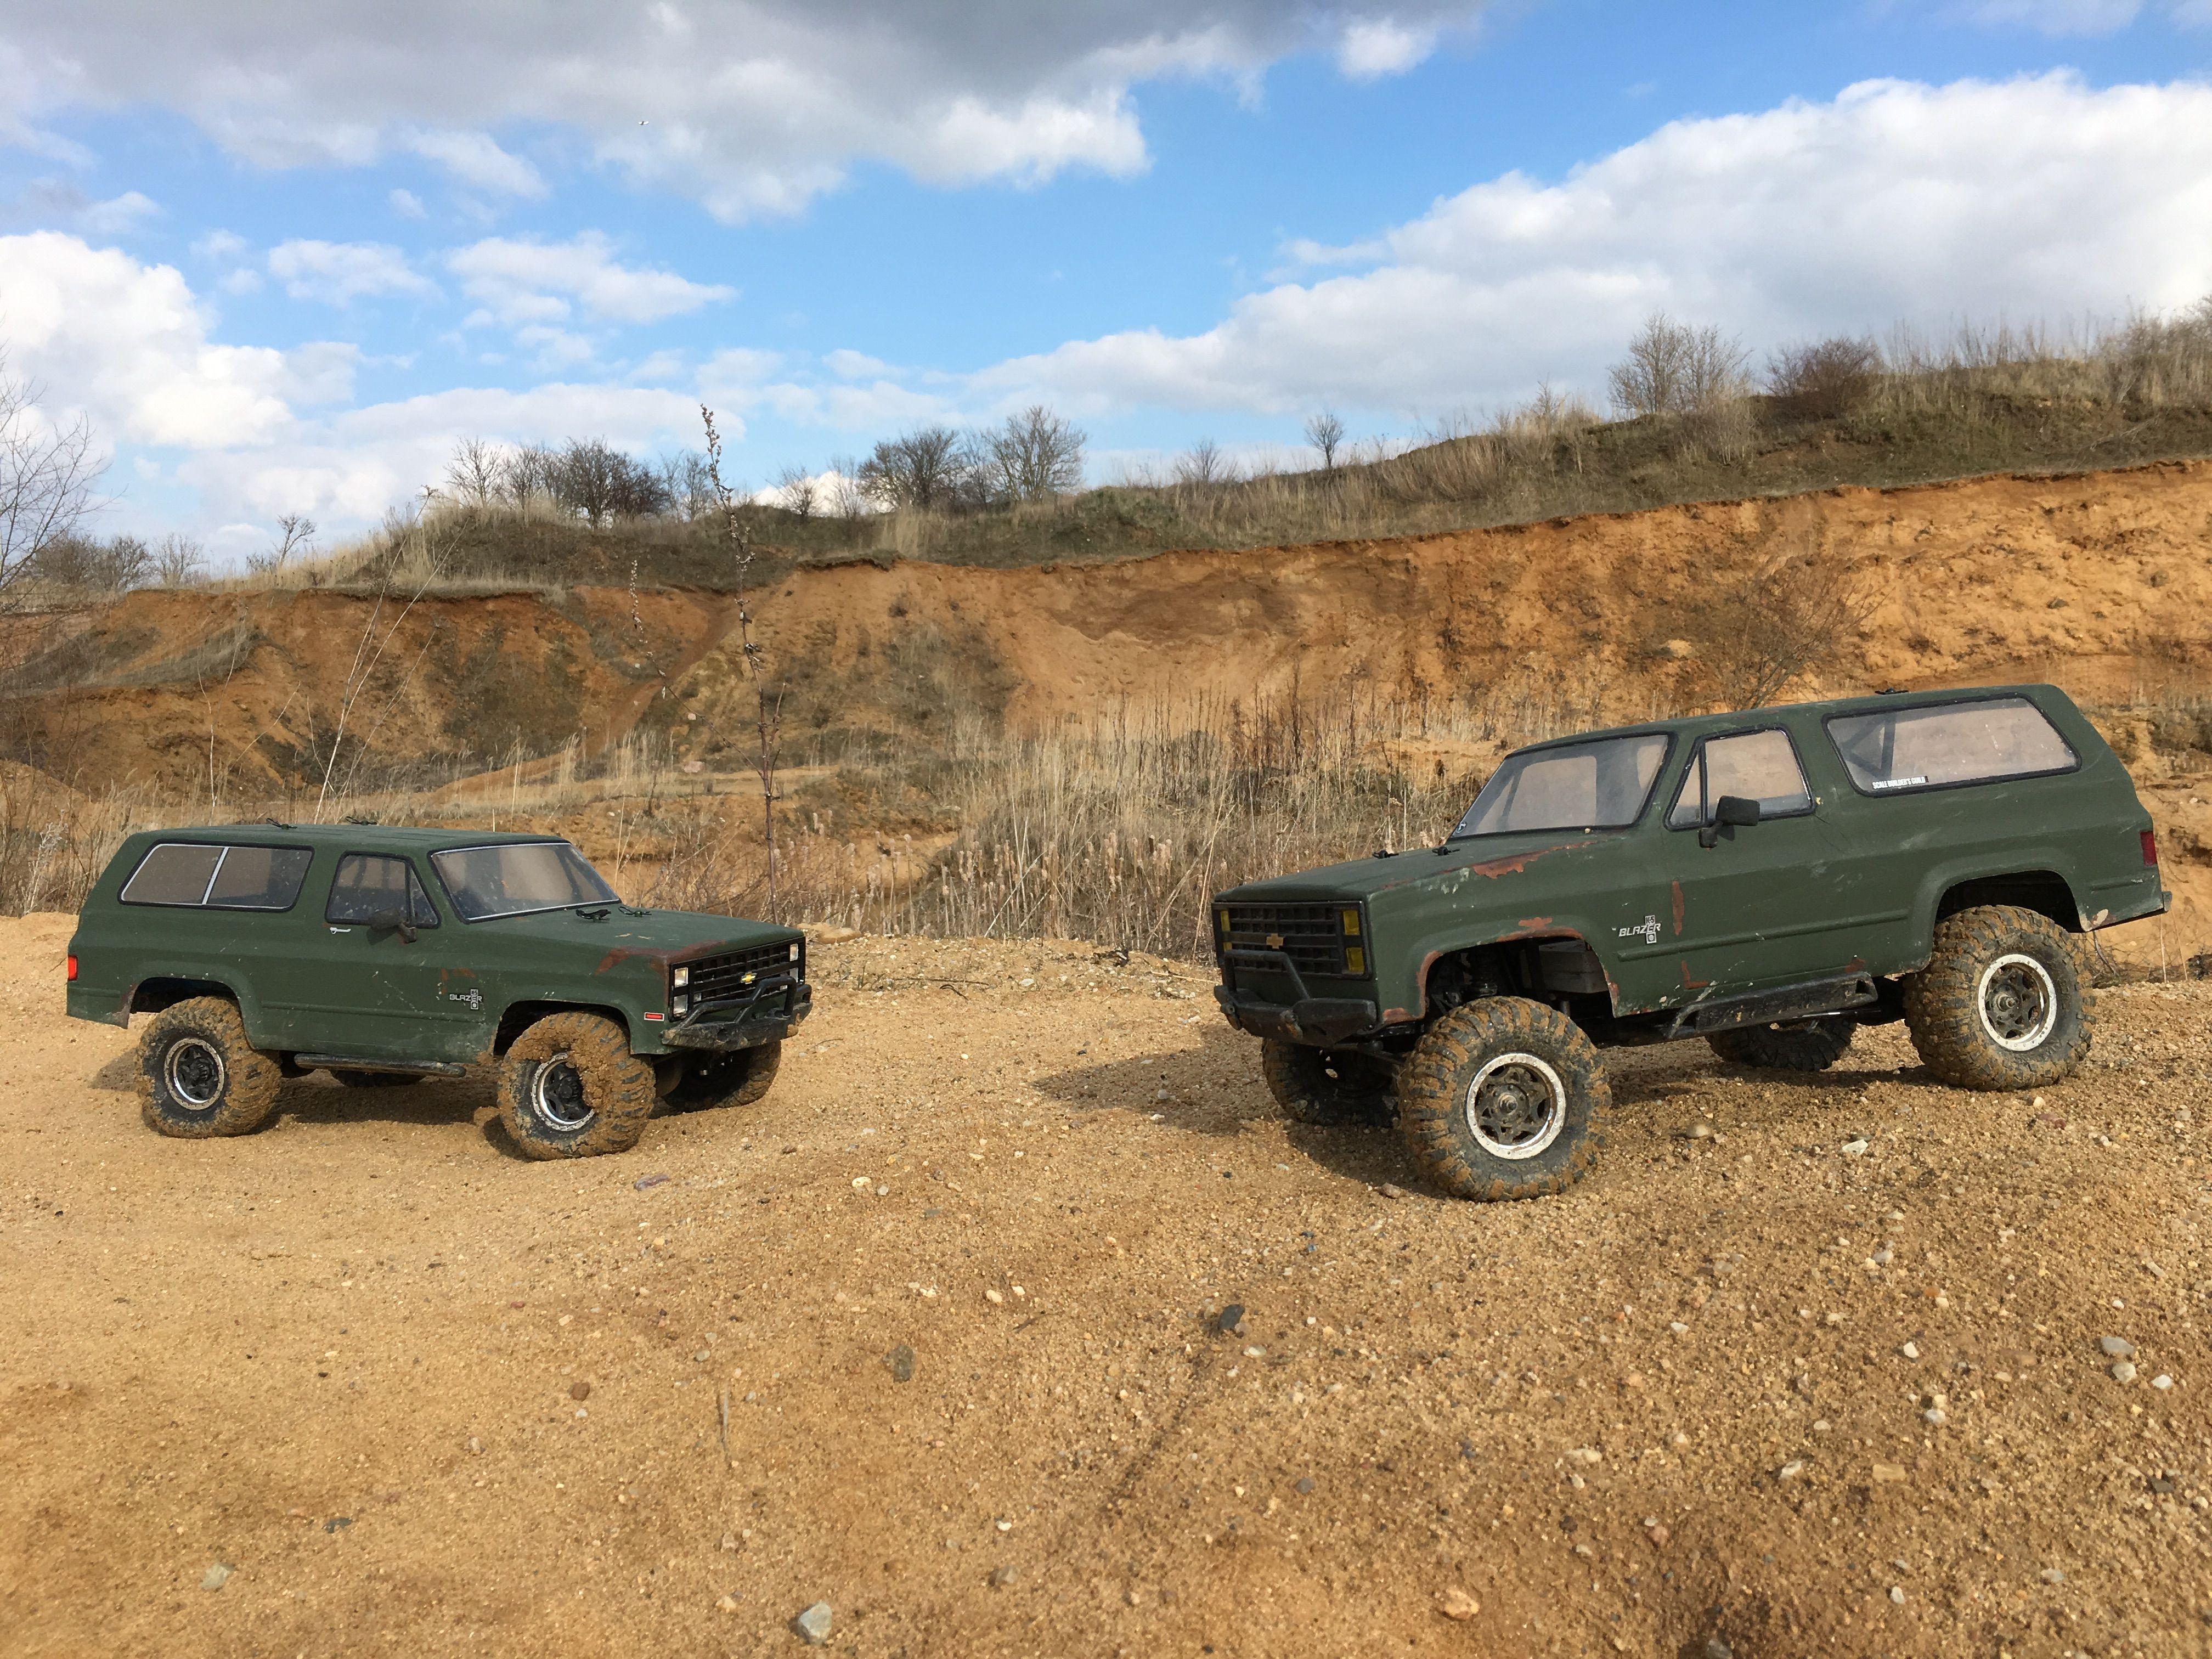 Vaterra Acender Chevy K5 Blazer Rechte Seite Und Axial Scx10 Chevy K5 Blazer Linke Seite Sandgrube Salbitz